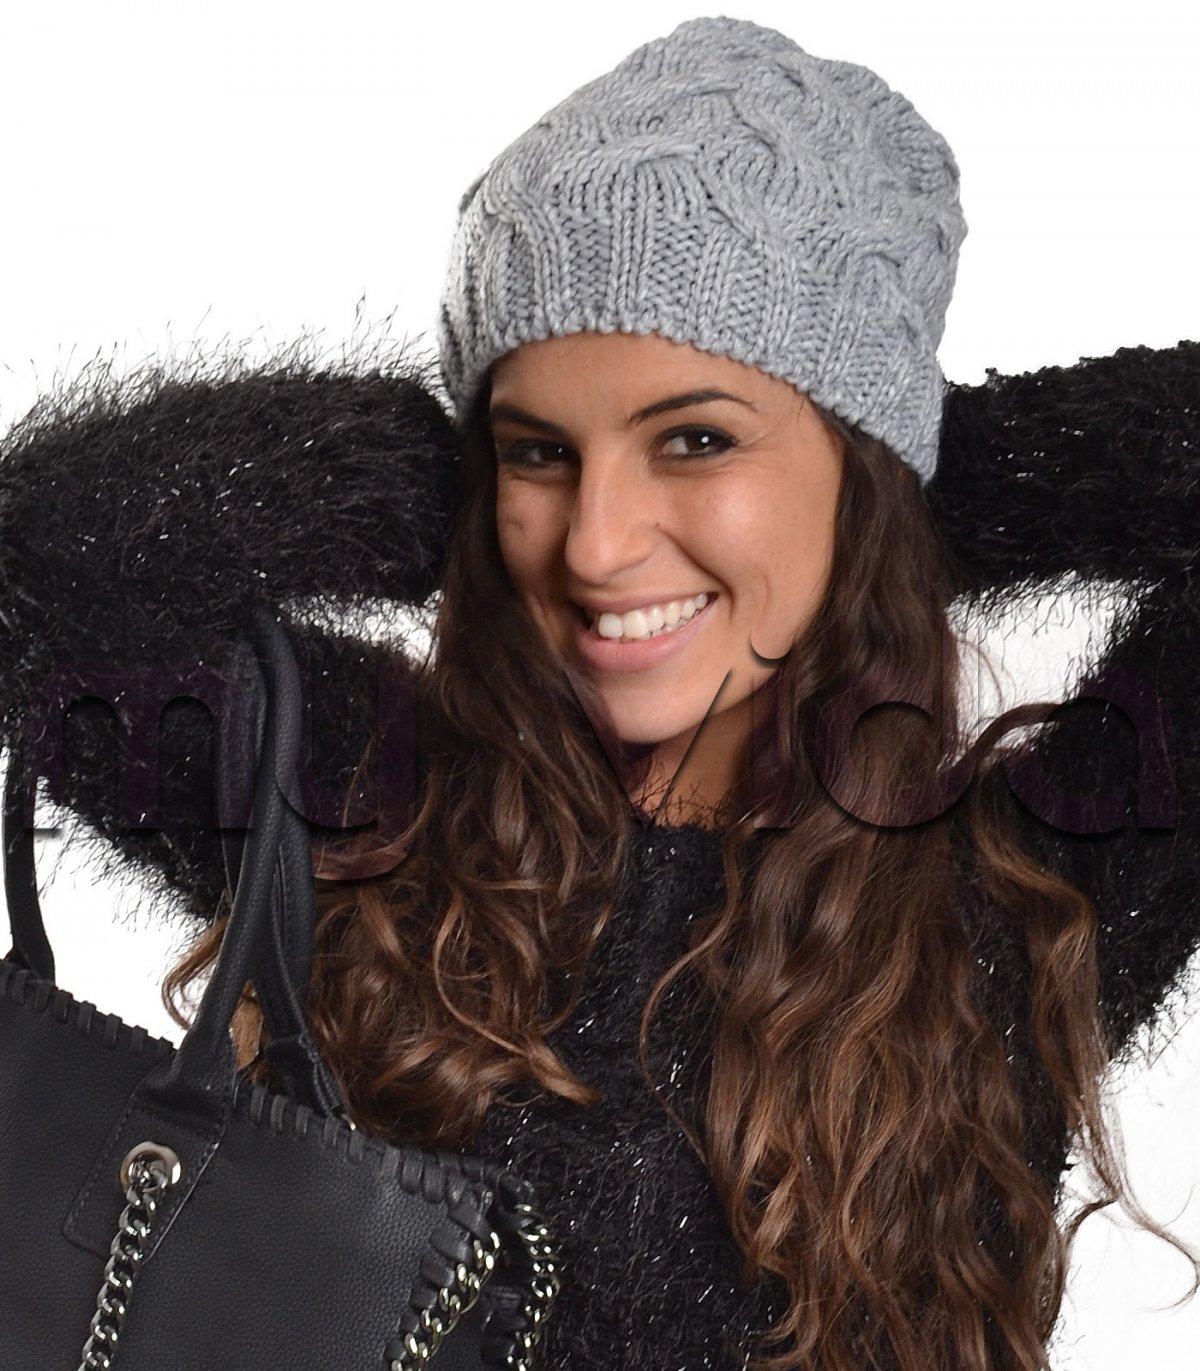 Cappelli cuffia donna treccia lana 4394adb614d9